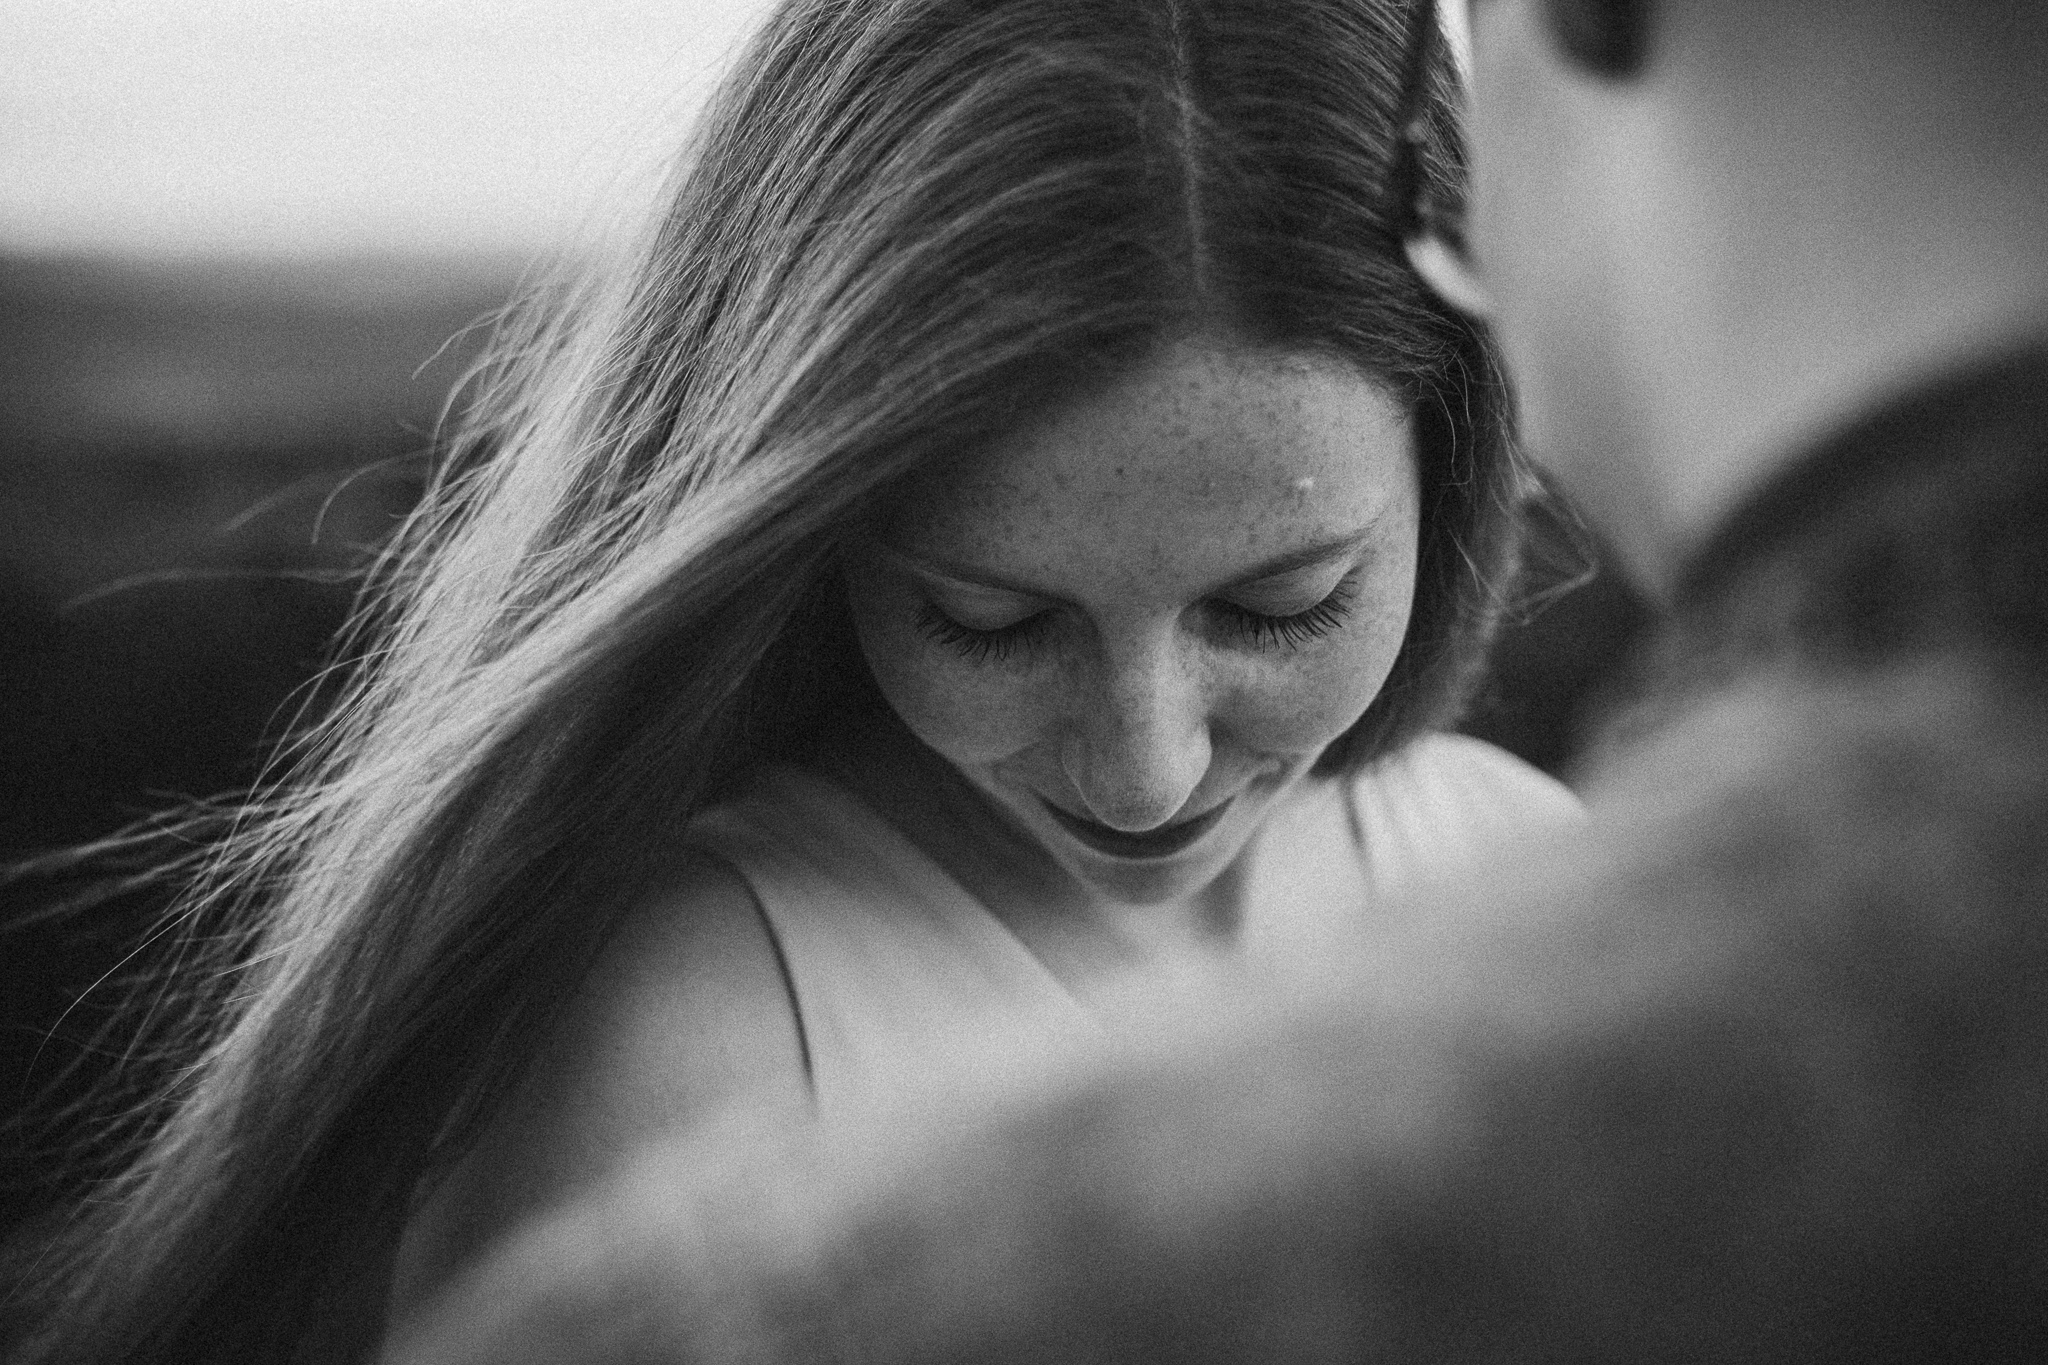 glückliches Lächeln einer Frau in schwarz-weiß